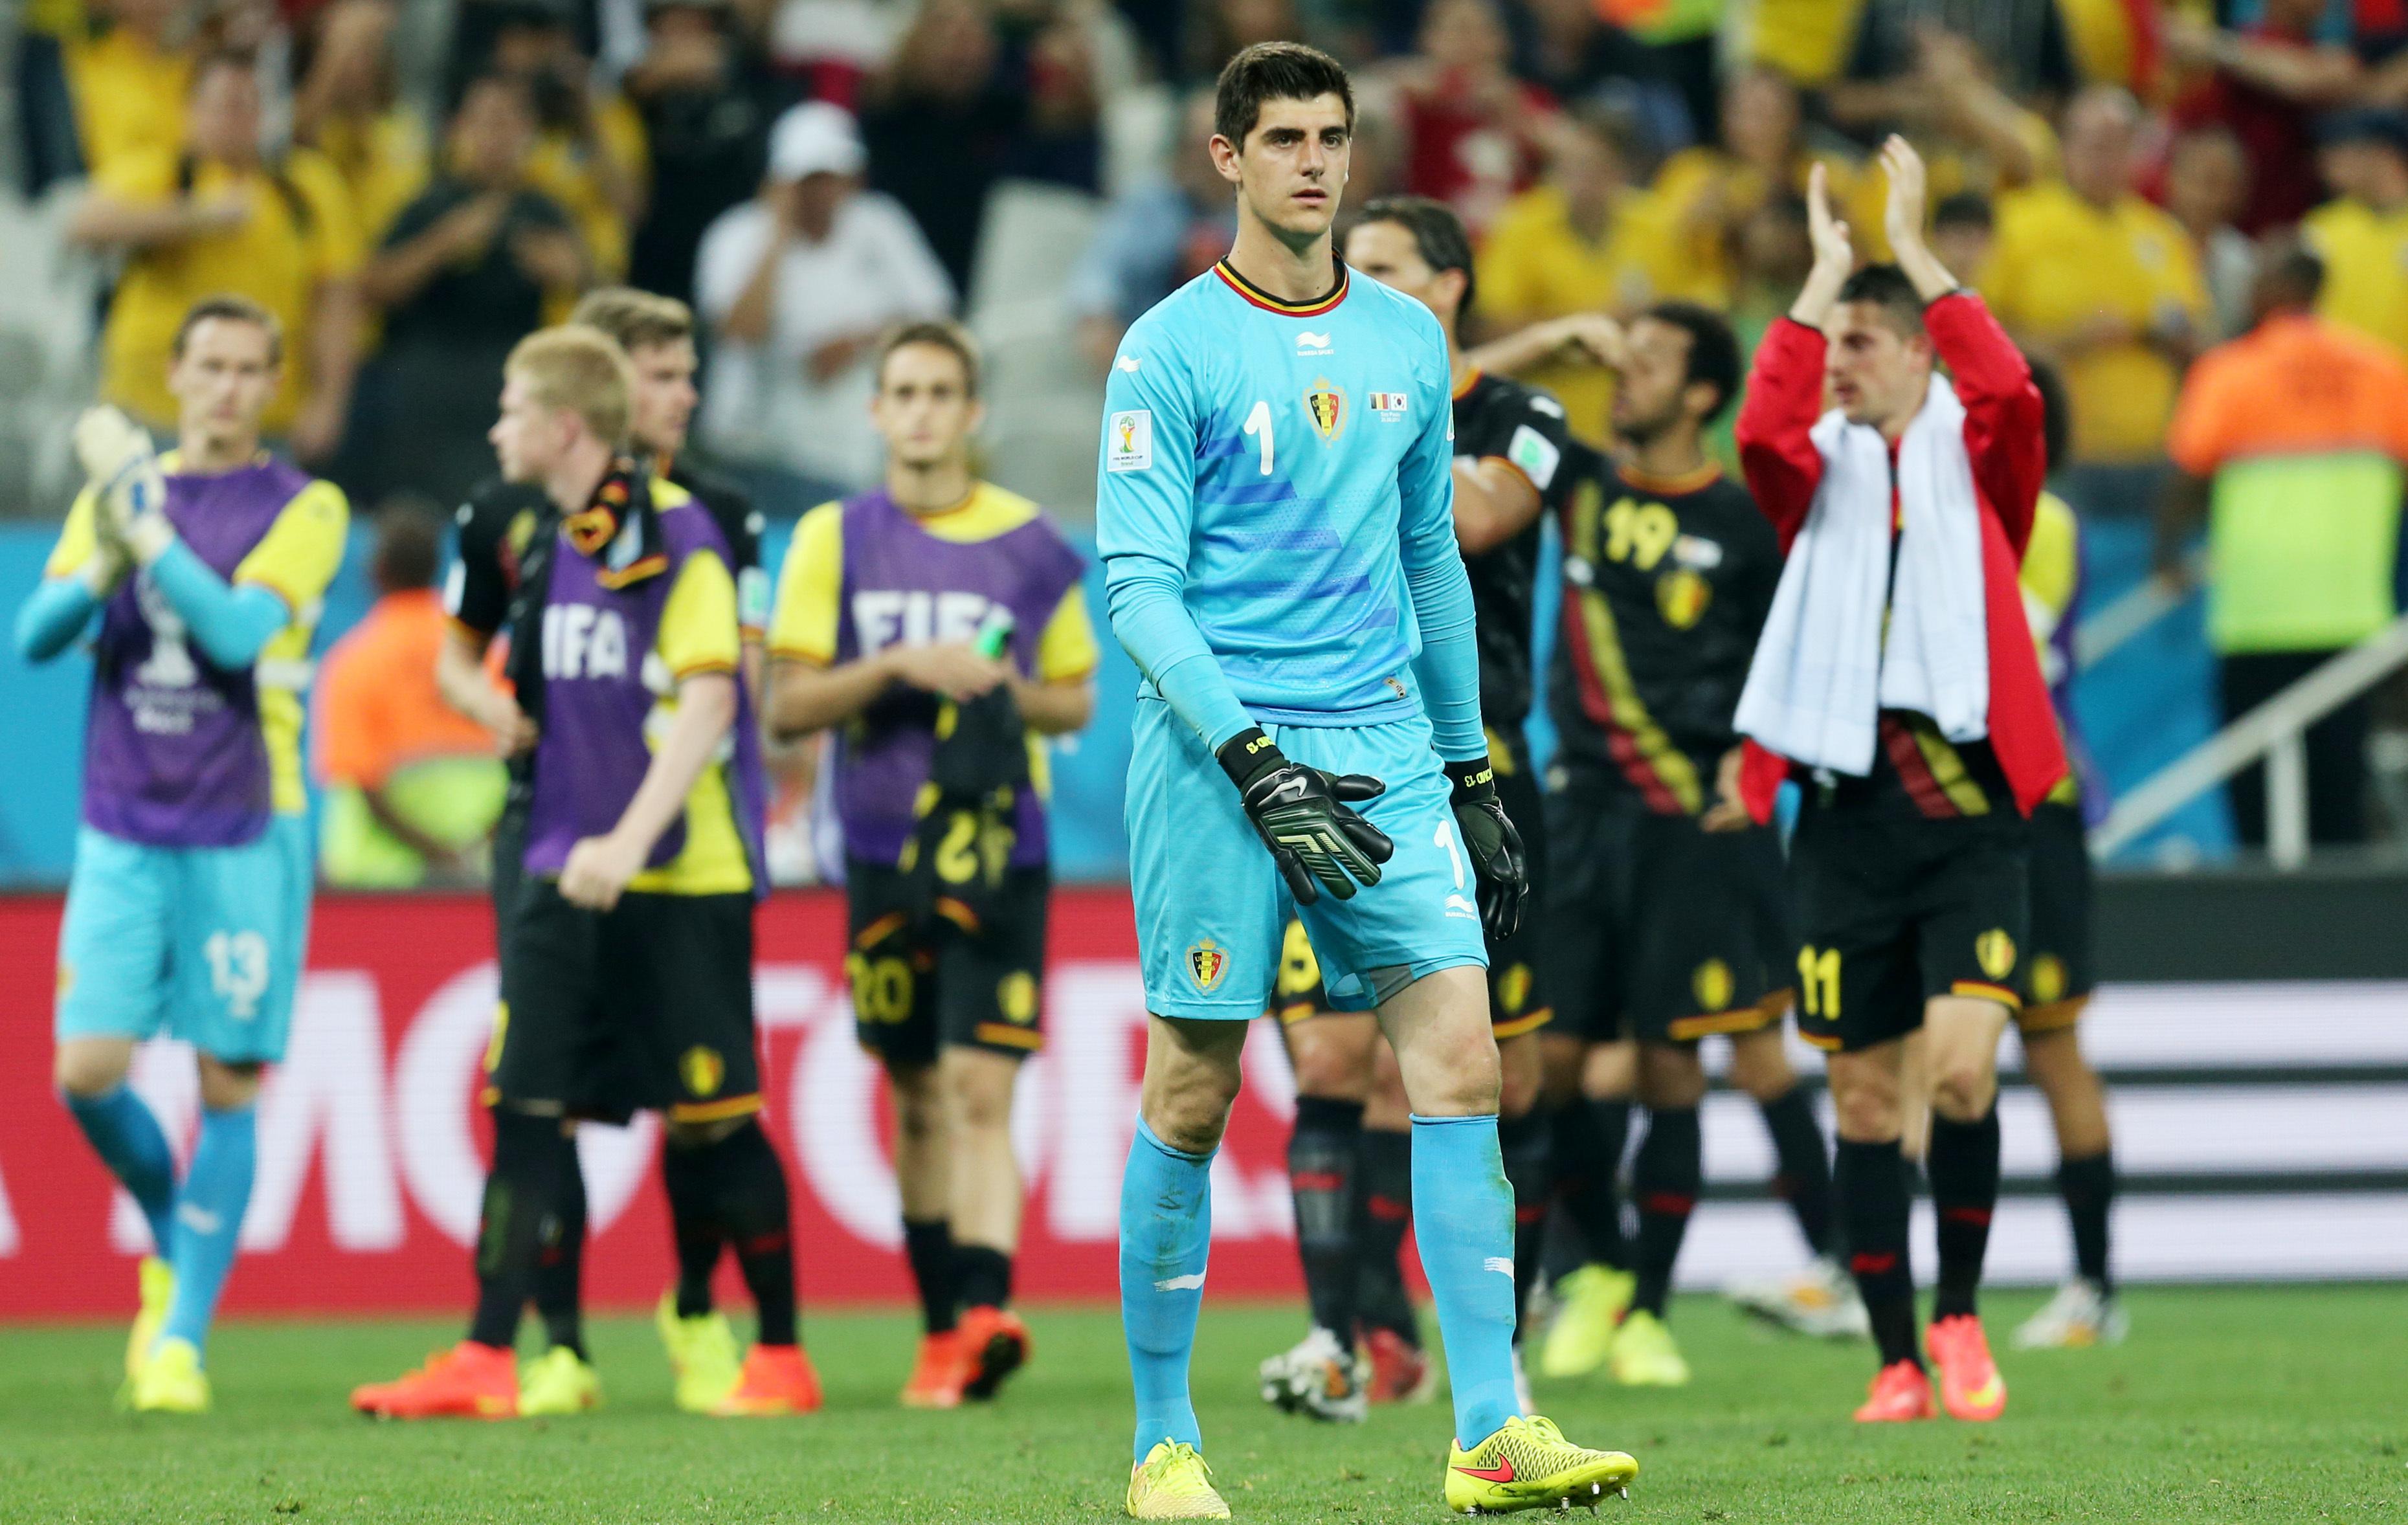 La belgique pour renouer avec les attentes 2014 br sil coupe du monde football - Jeux de football coupe du monde 2014 ...